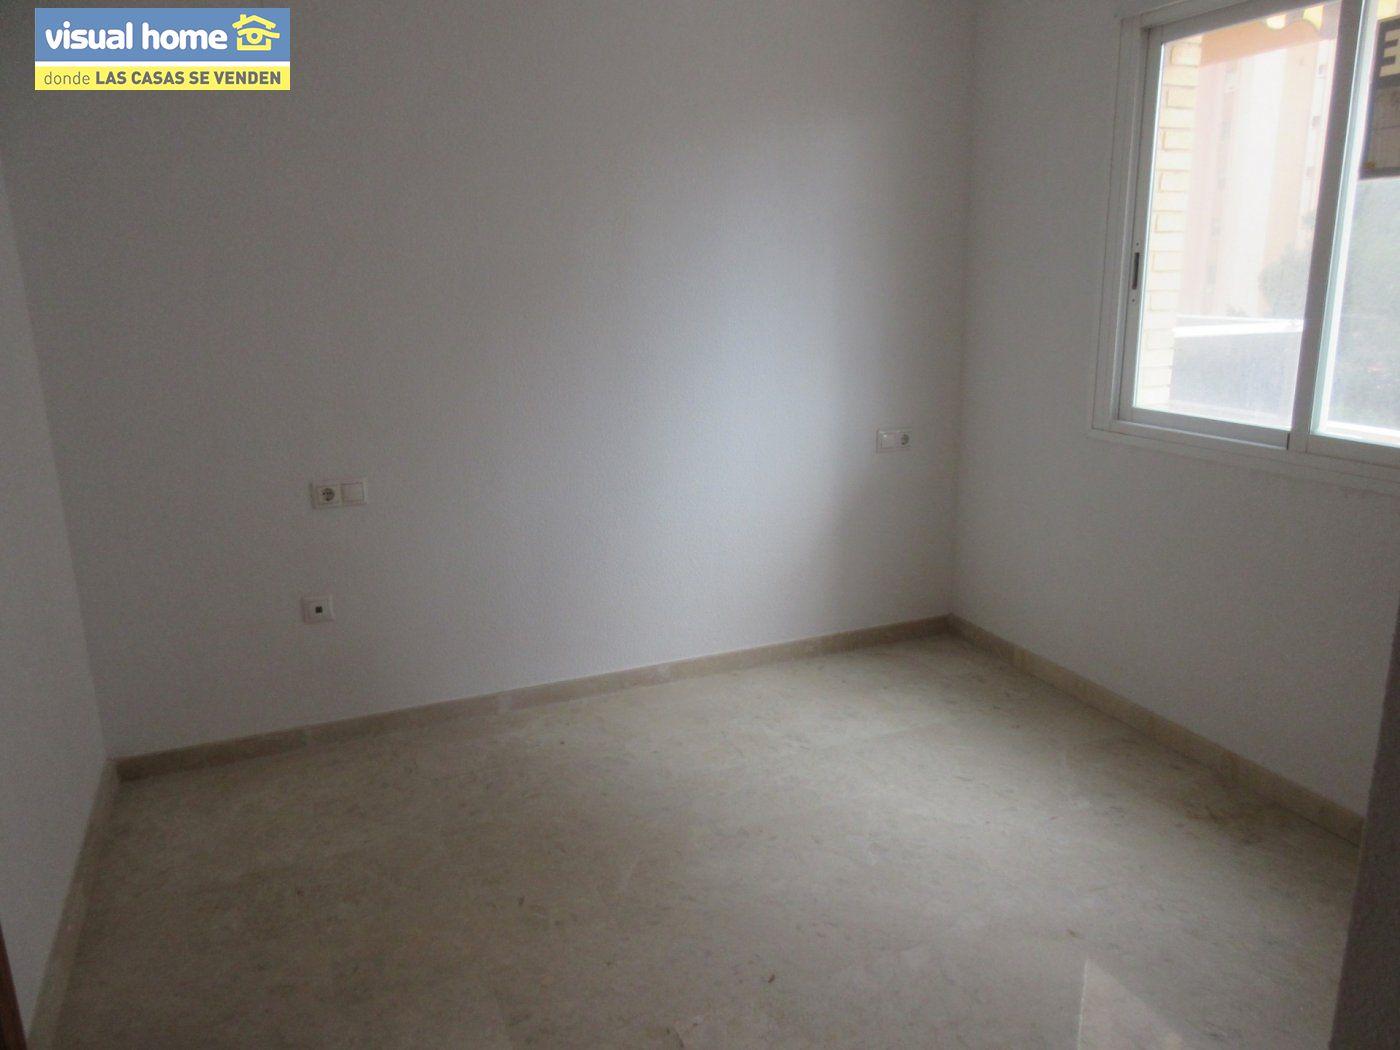 Apartamento nuevo a estrenar de  1 dormitorio(posible 2º) con garaje y piscina en Rincón de Loix 3